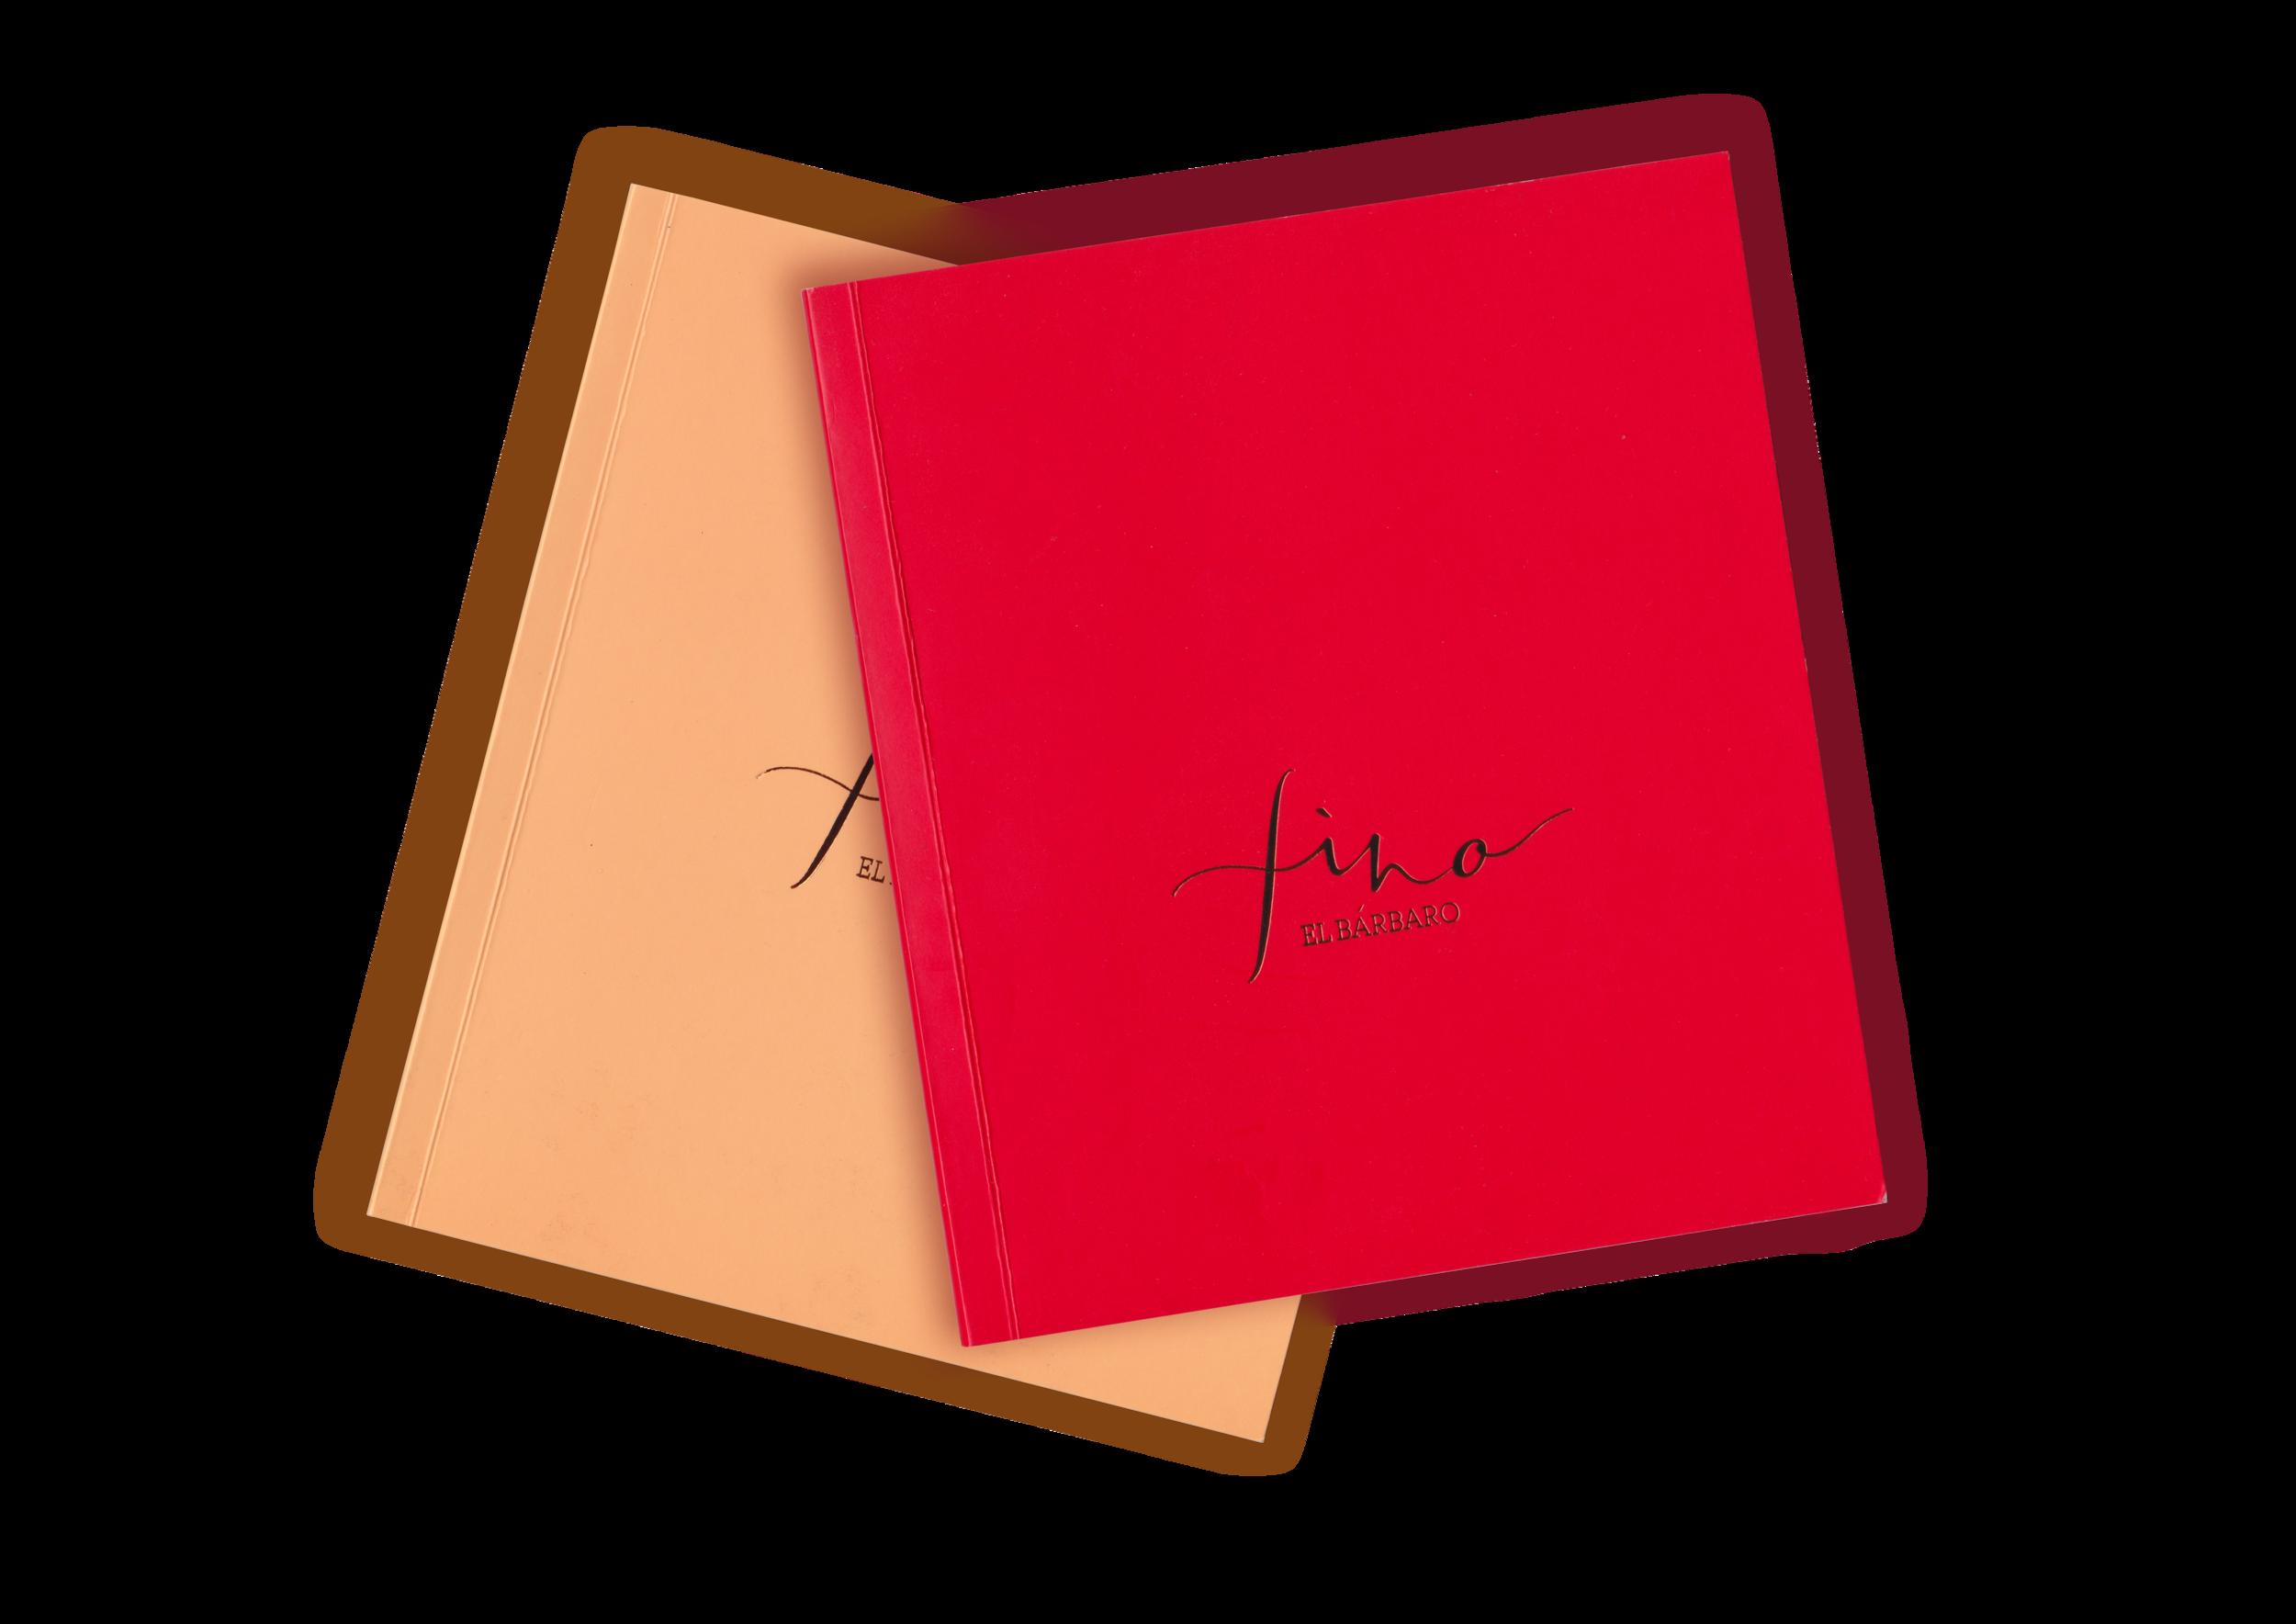 Les deux livres